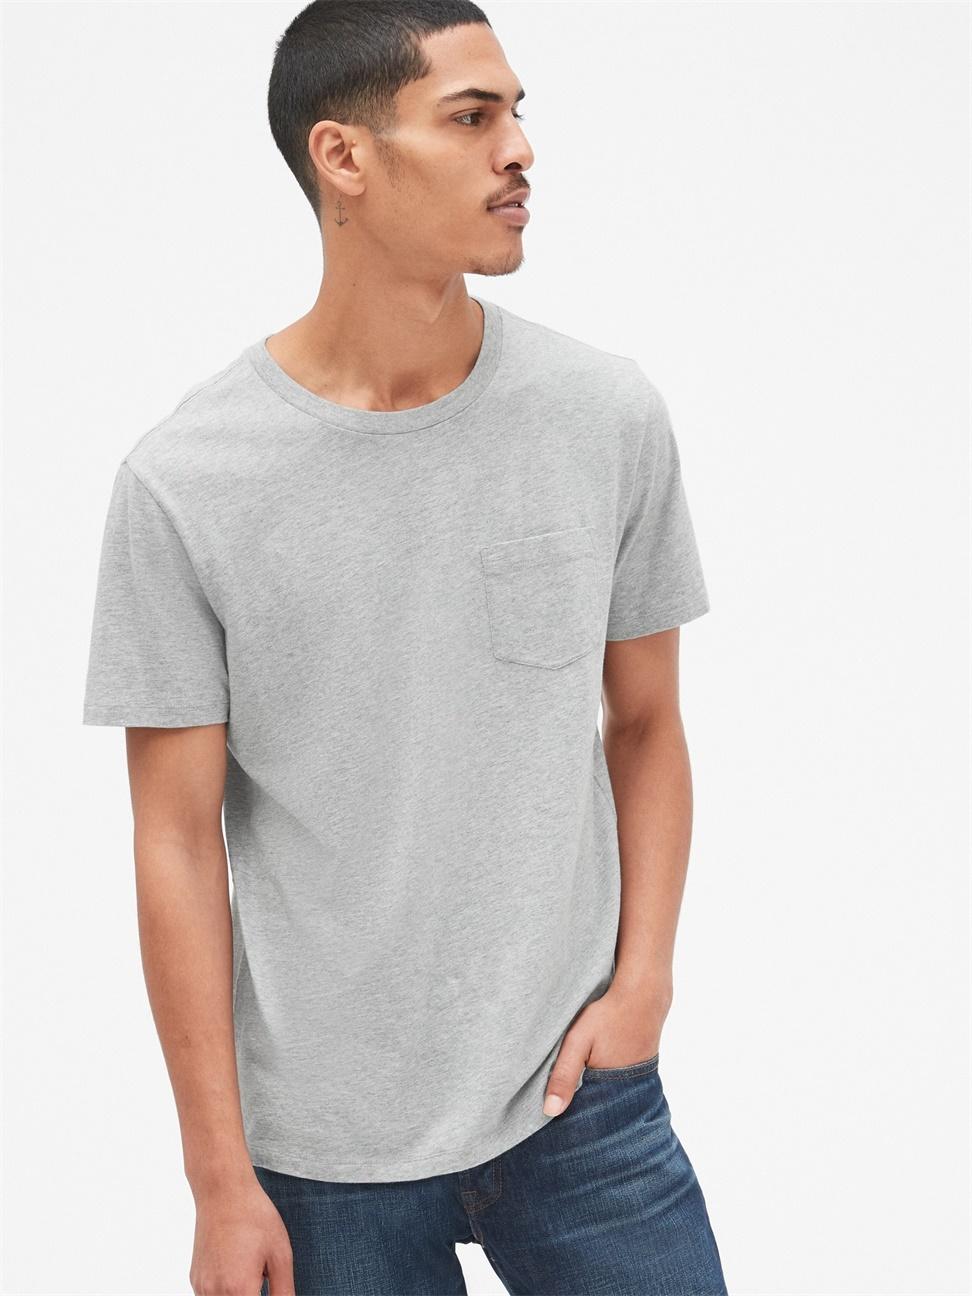 男裝 休閒直筒圓領短袖口袋T恤